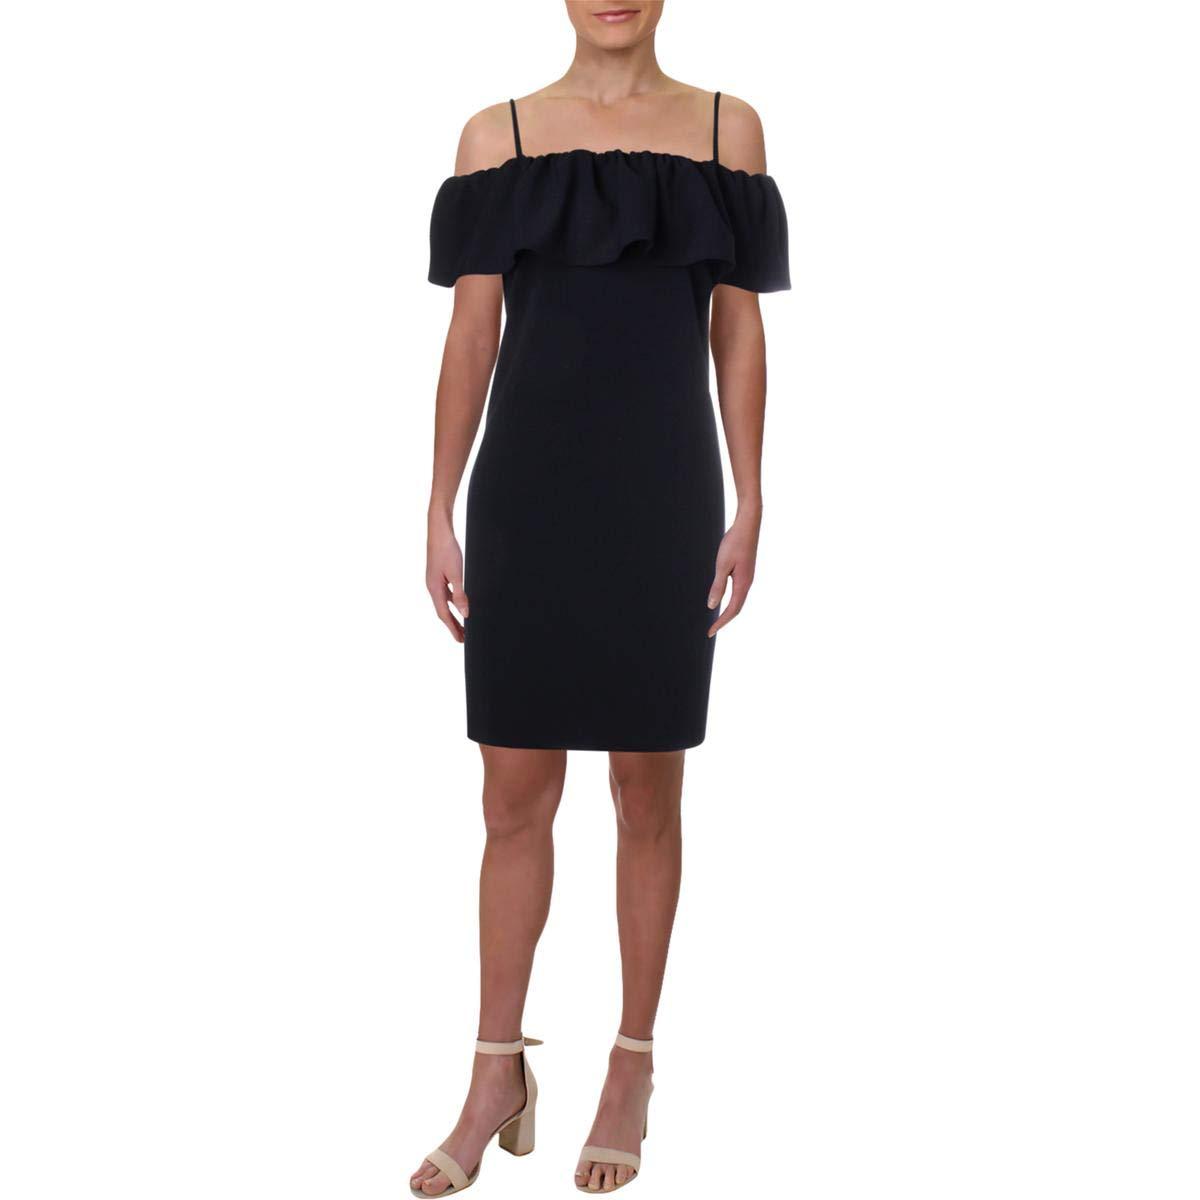 Lighthouse Navy Lauren Ralph Lauren Womens Catalia Cold Shoulder Ruffled Cocktail Dress